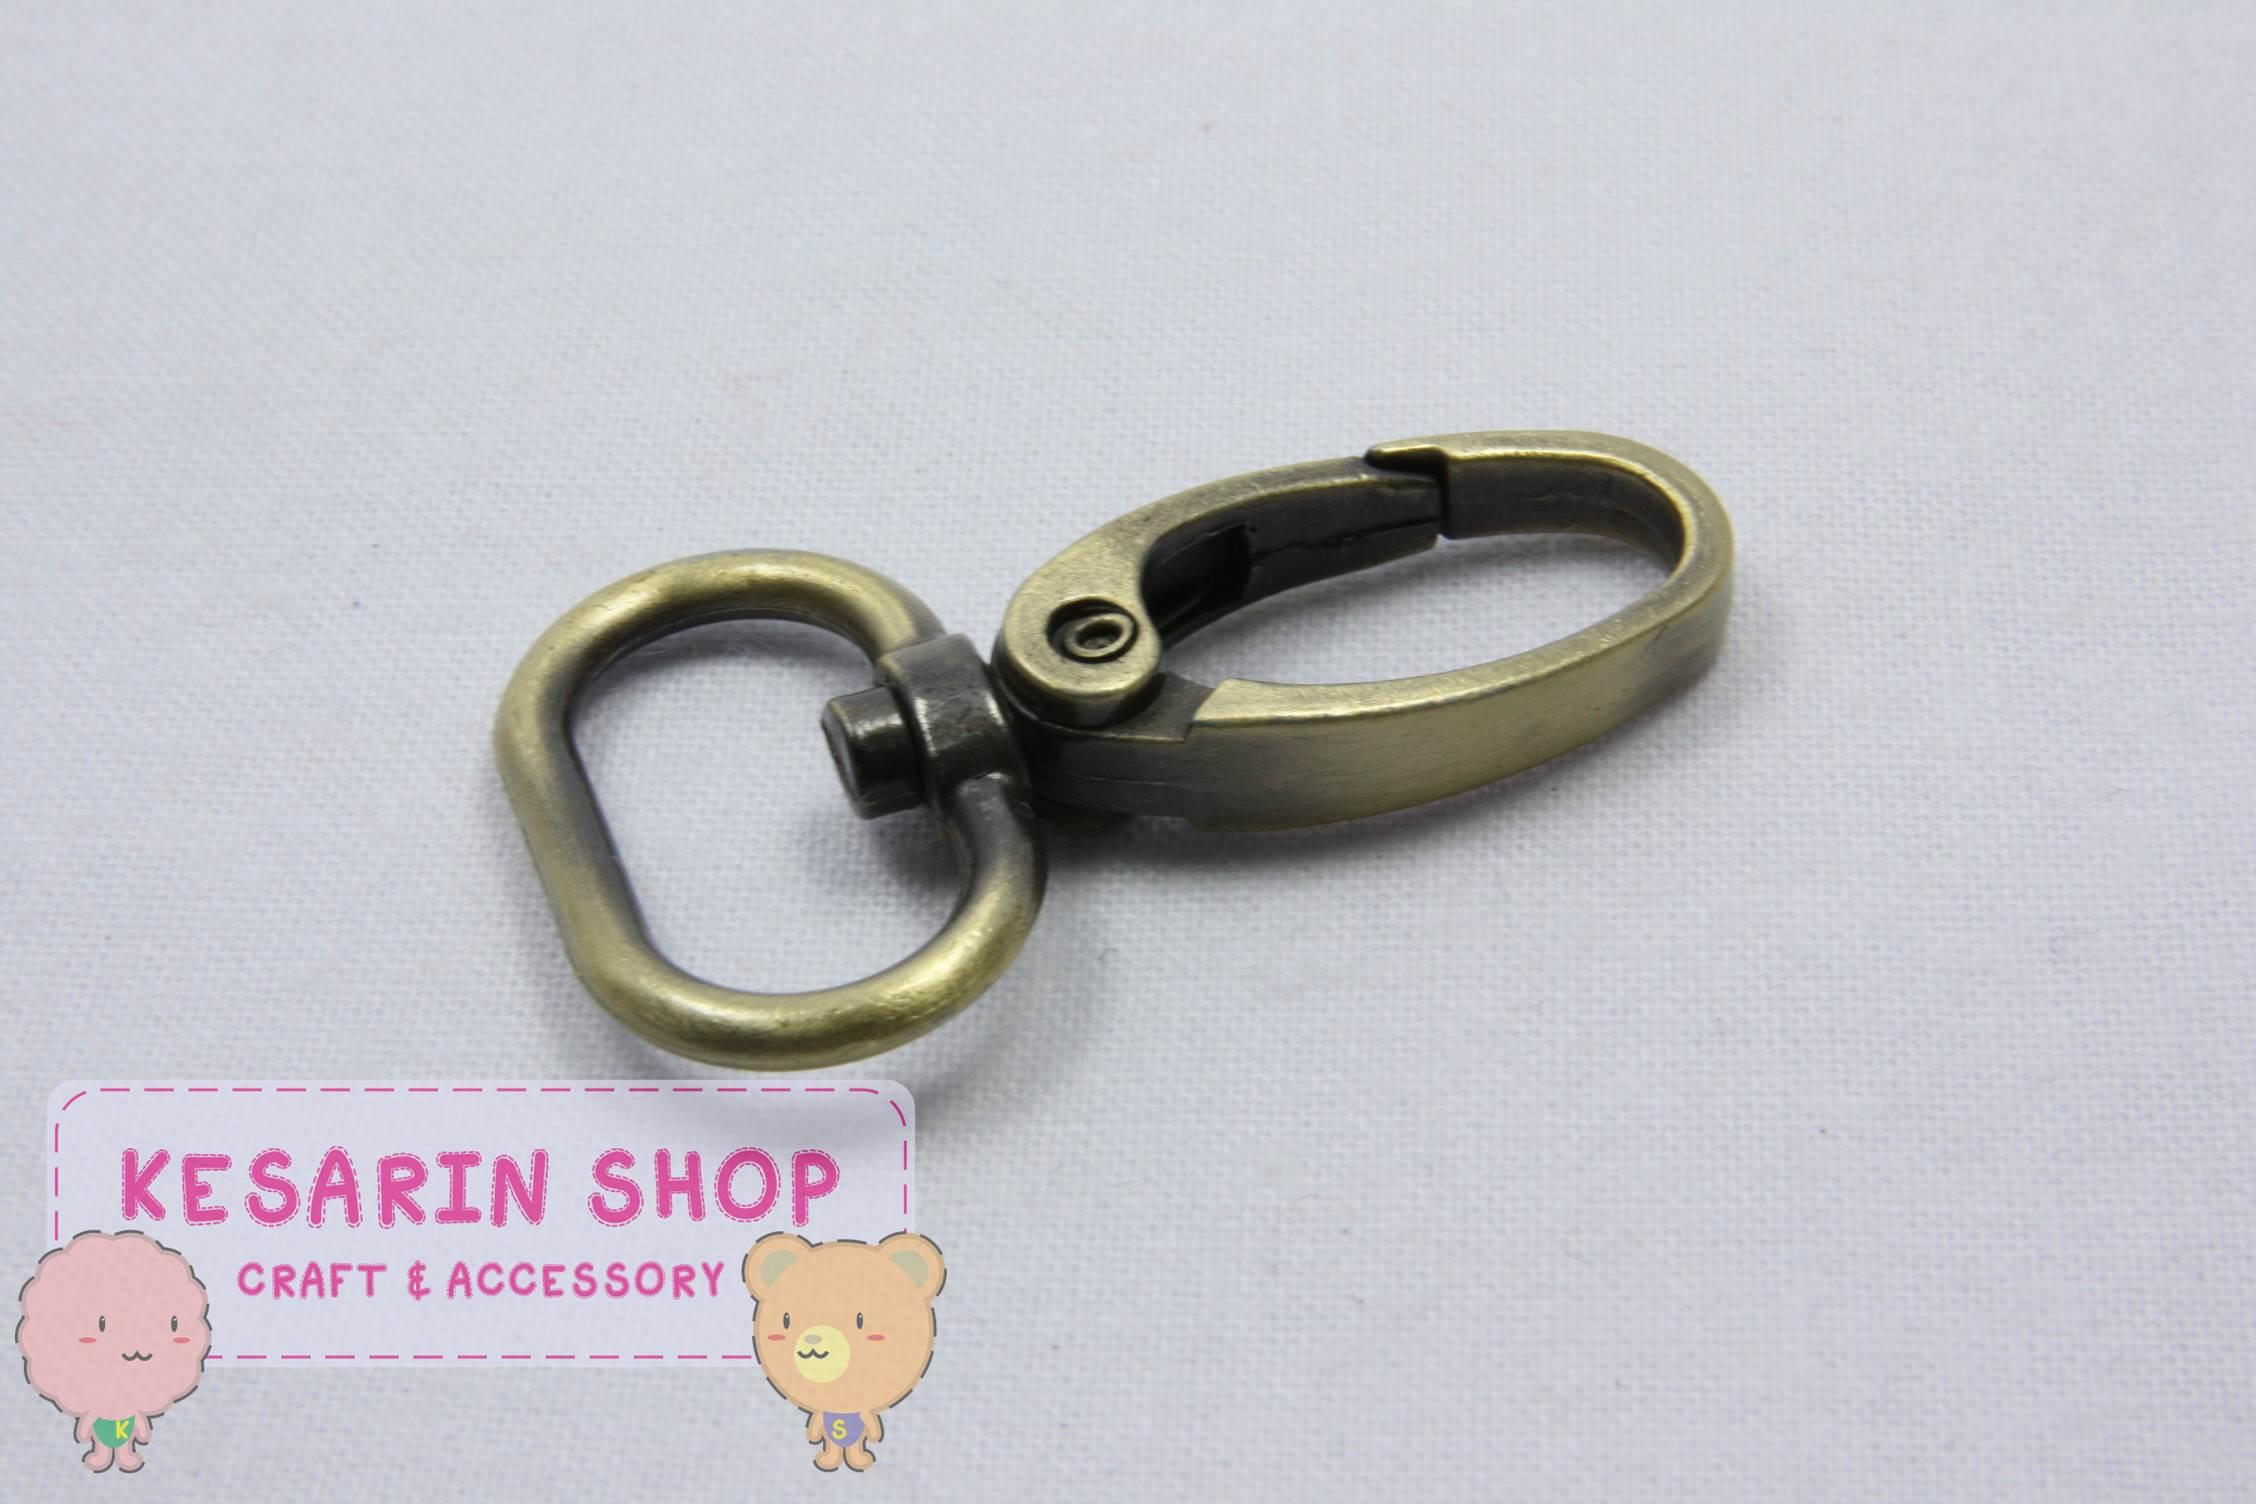 คอหมา สีทองรมดำ ขนาด 4 cm